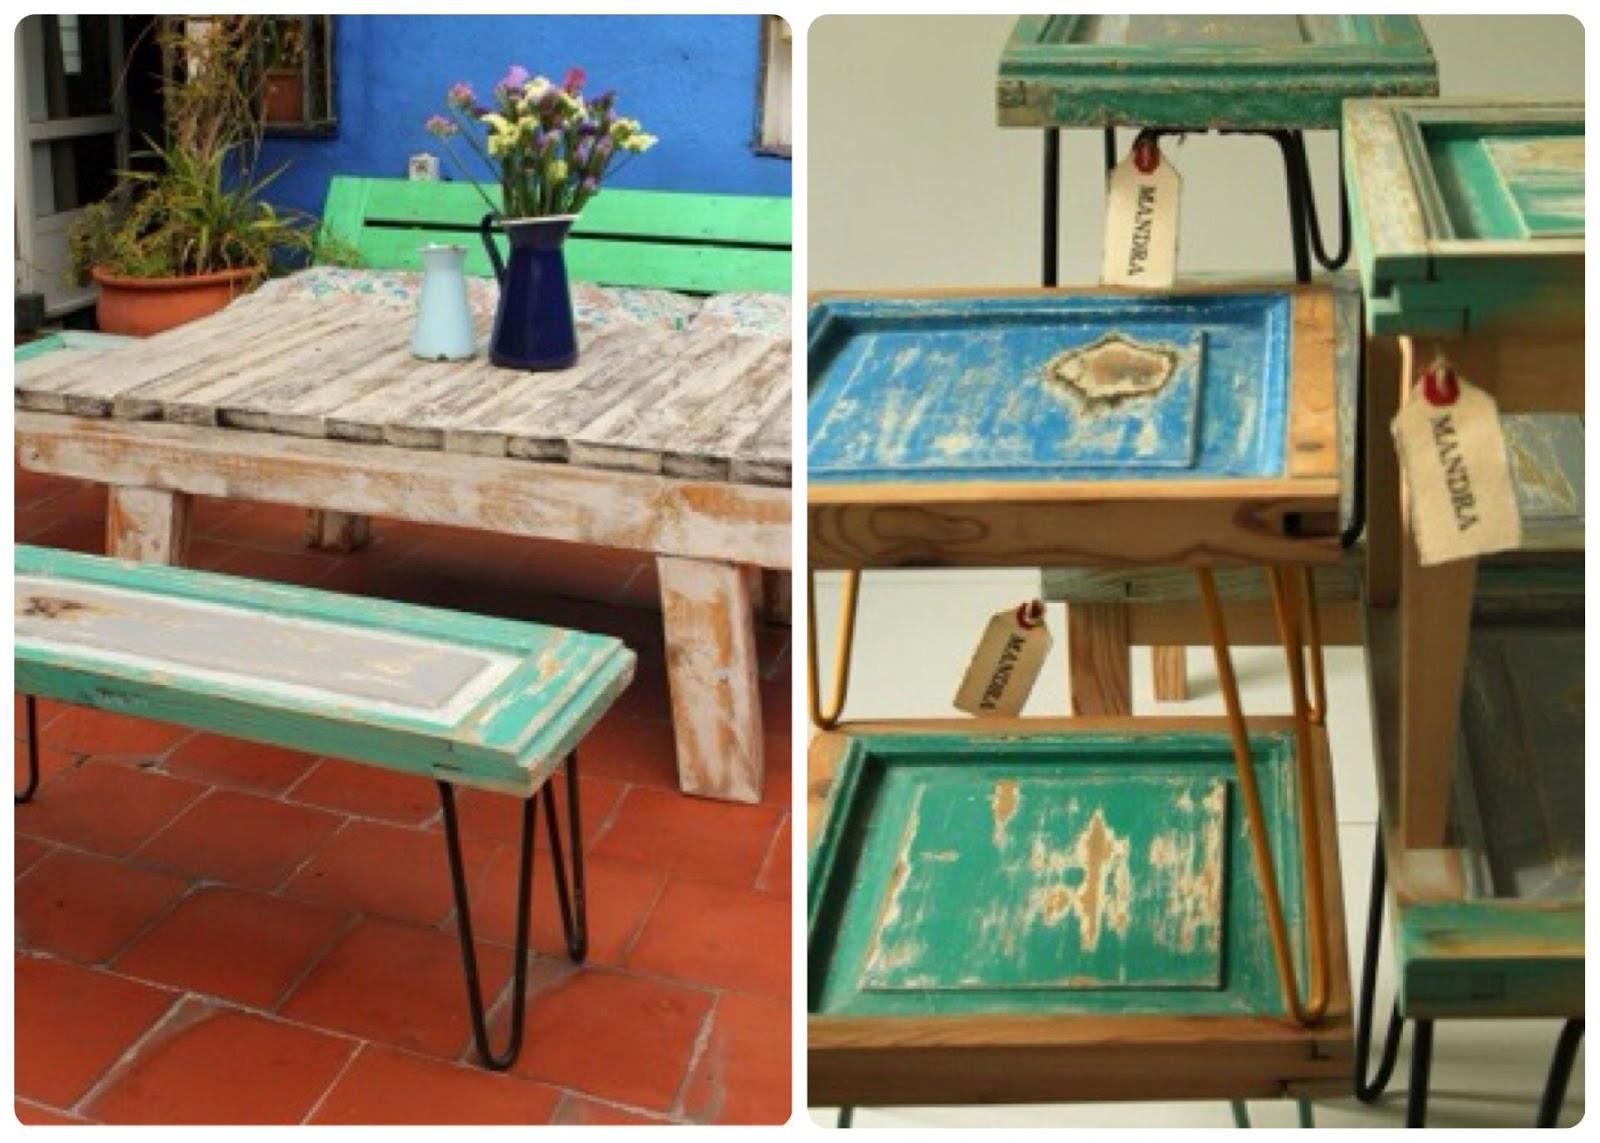 Reciclarte reciclar puertas de muebles 12 ideas for Reciclar puertas antiguas